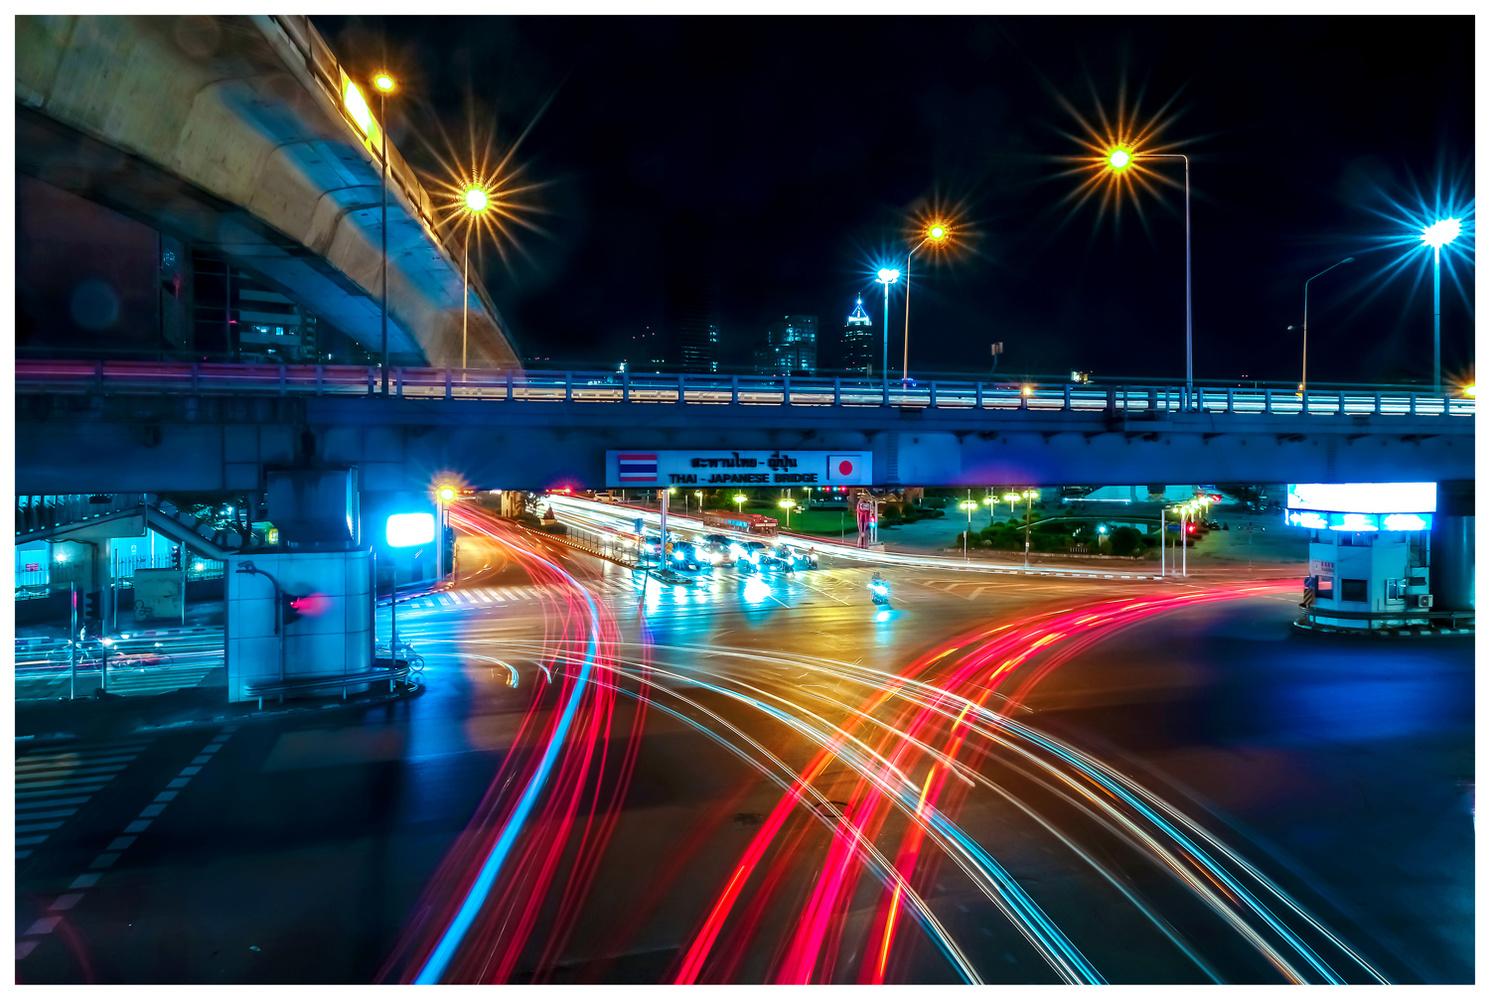 Intersection Bangkok by bob mocarsky